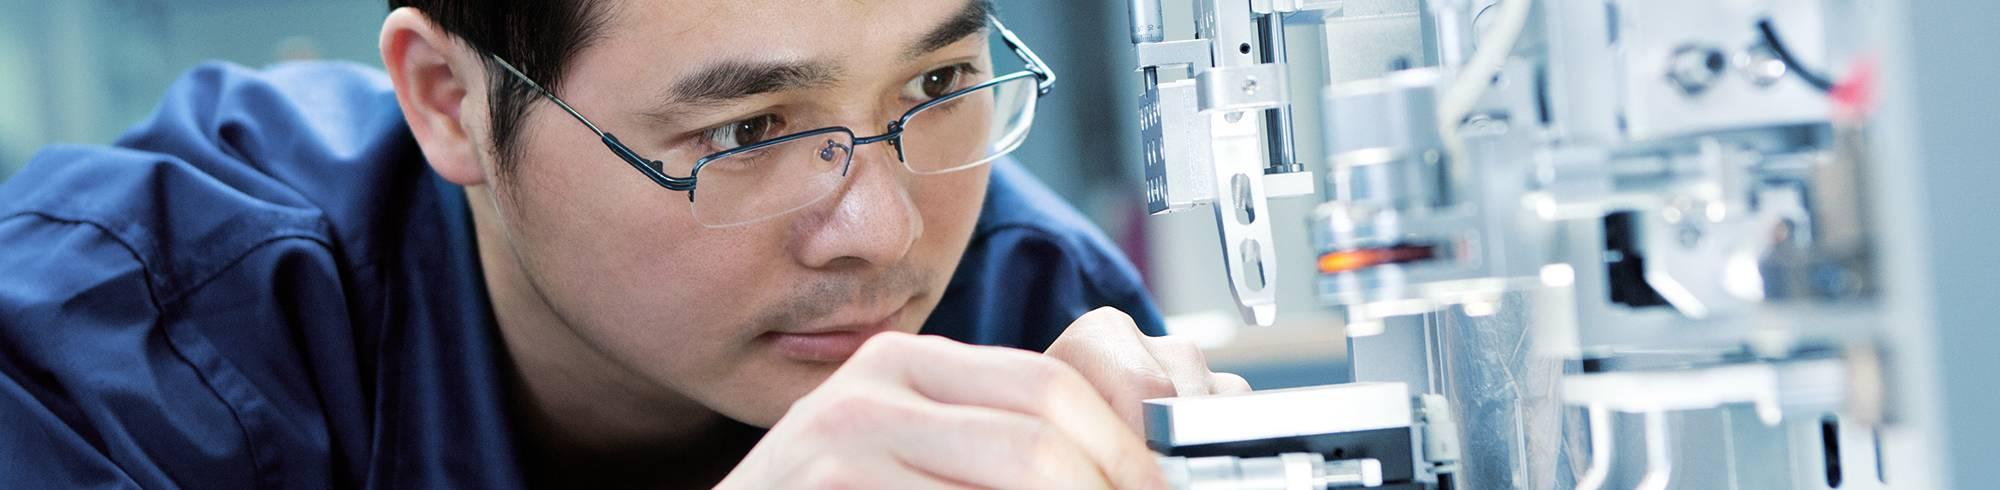 Hombre trabajando en laboratorio